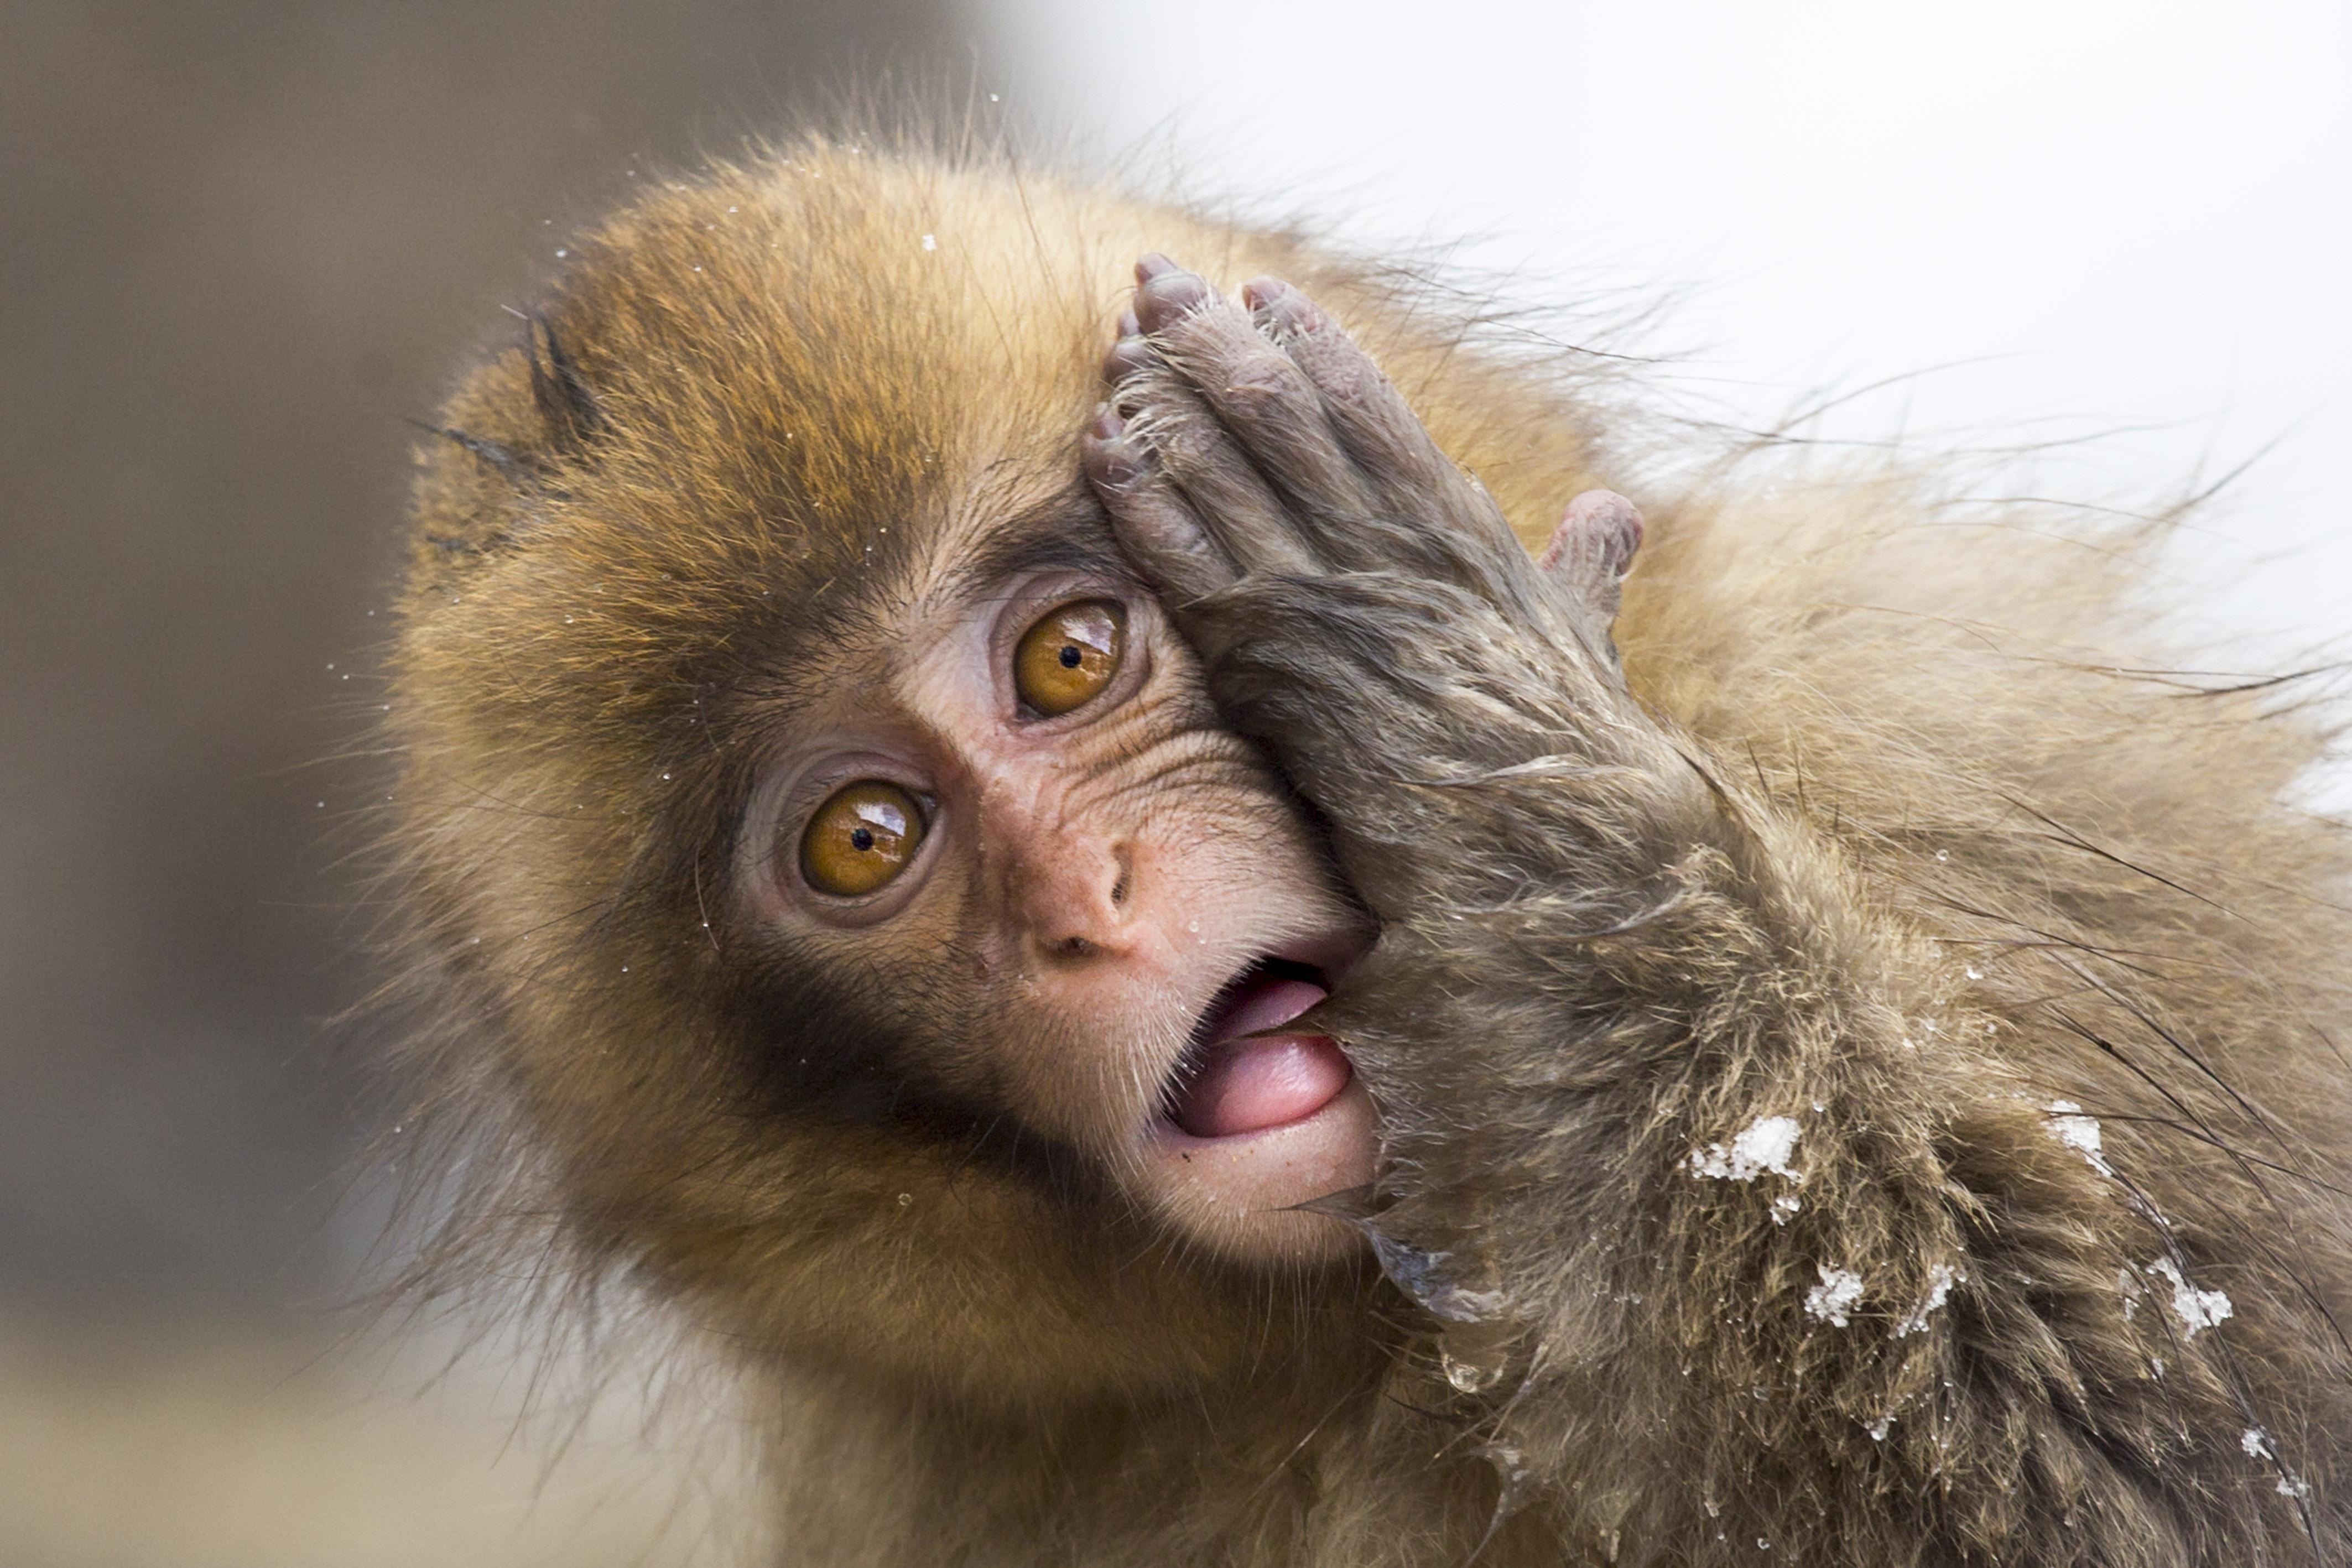 смешные эмоции животных фото так важны